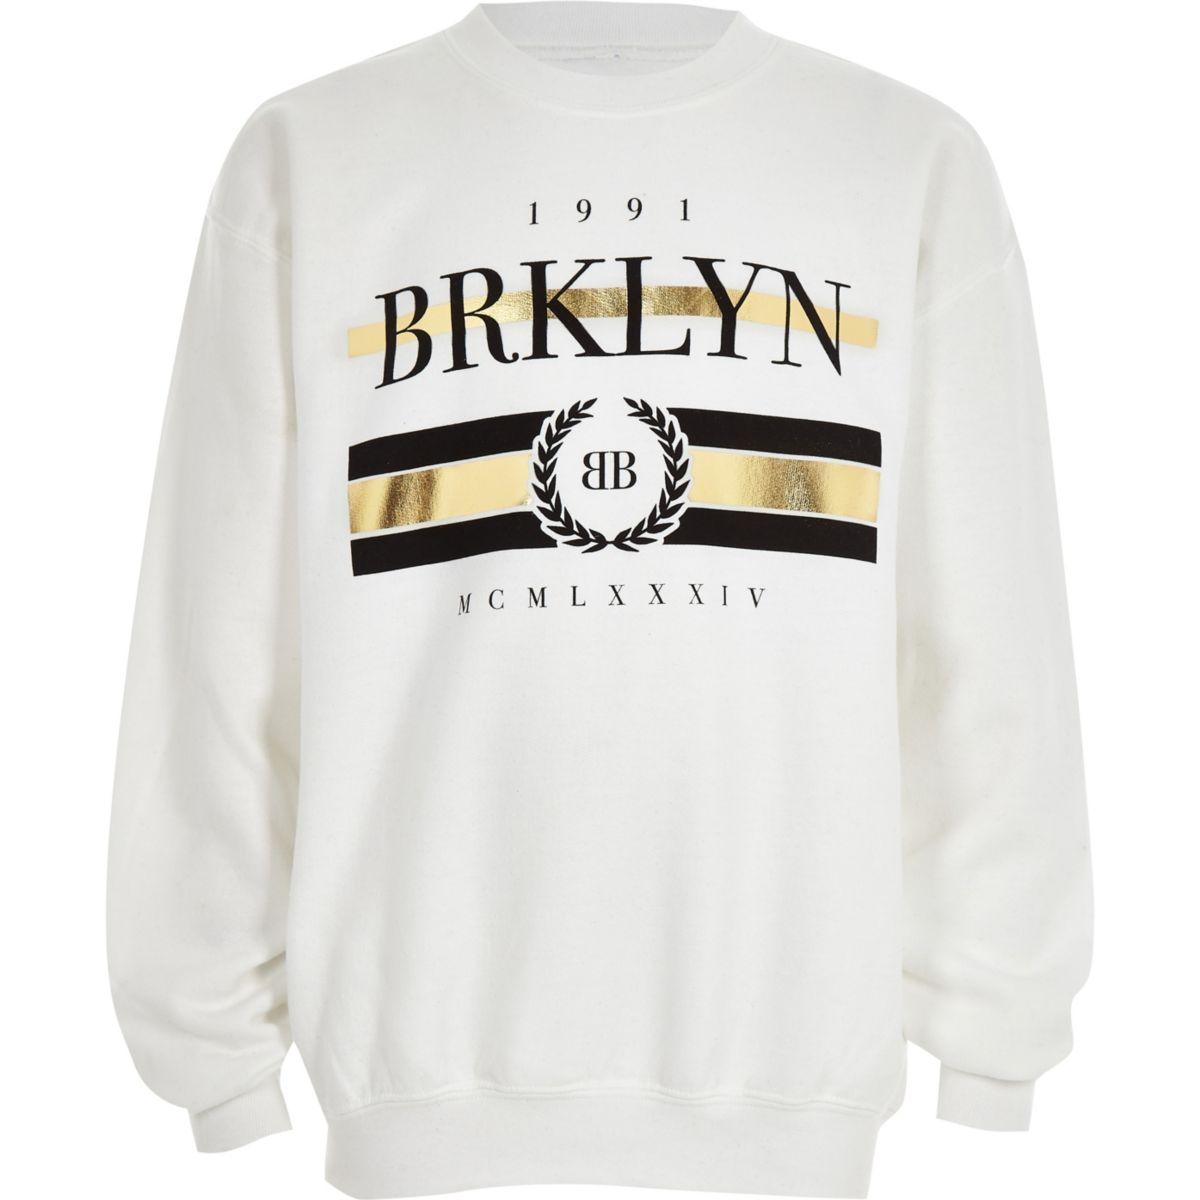 Boys black 'Brklyn' gold foil sweatshirt